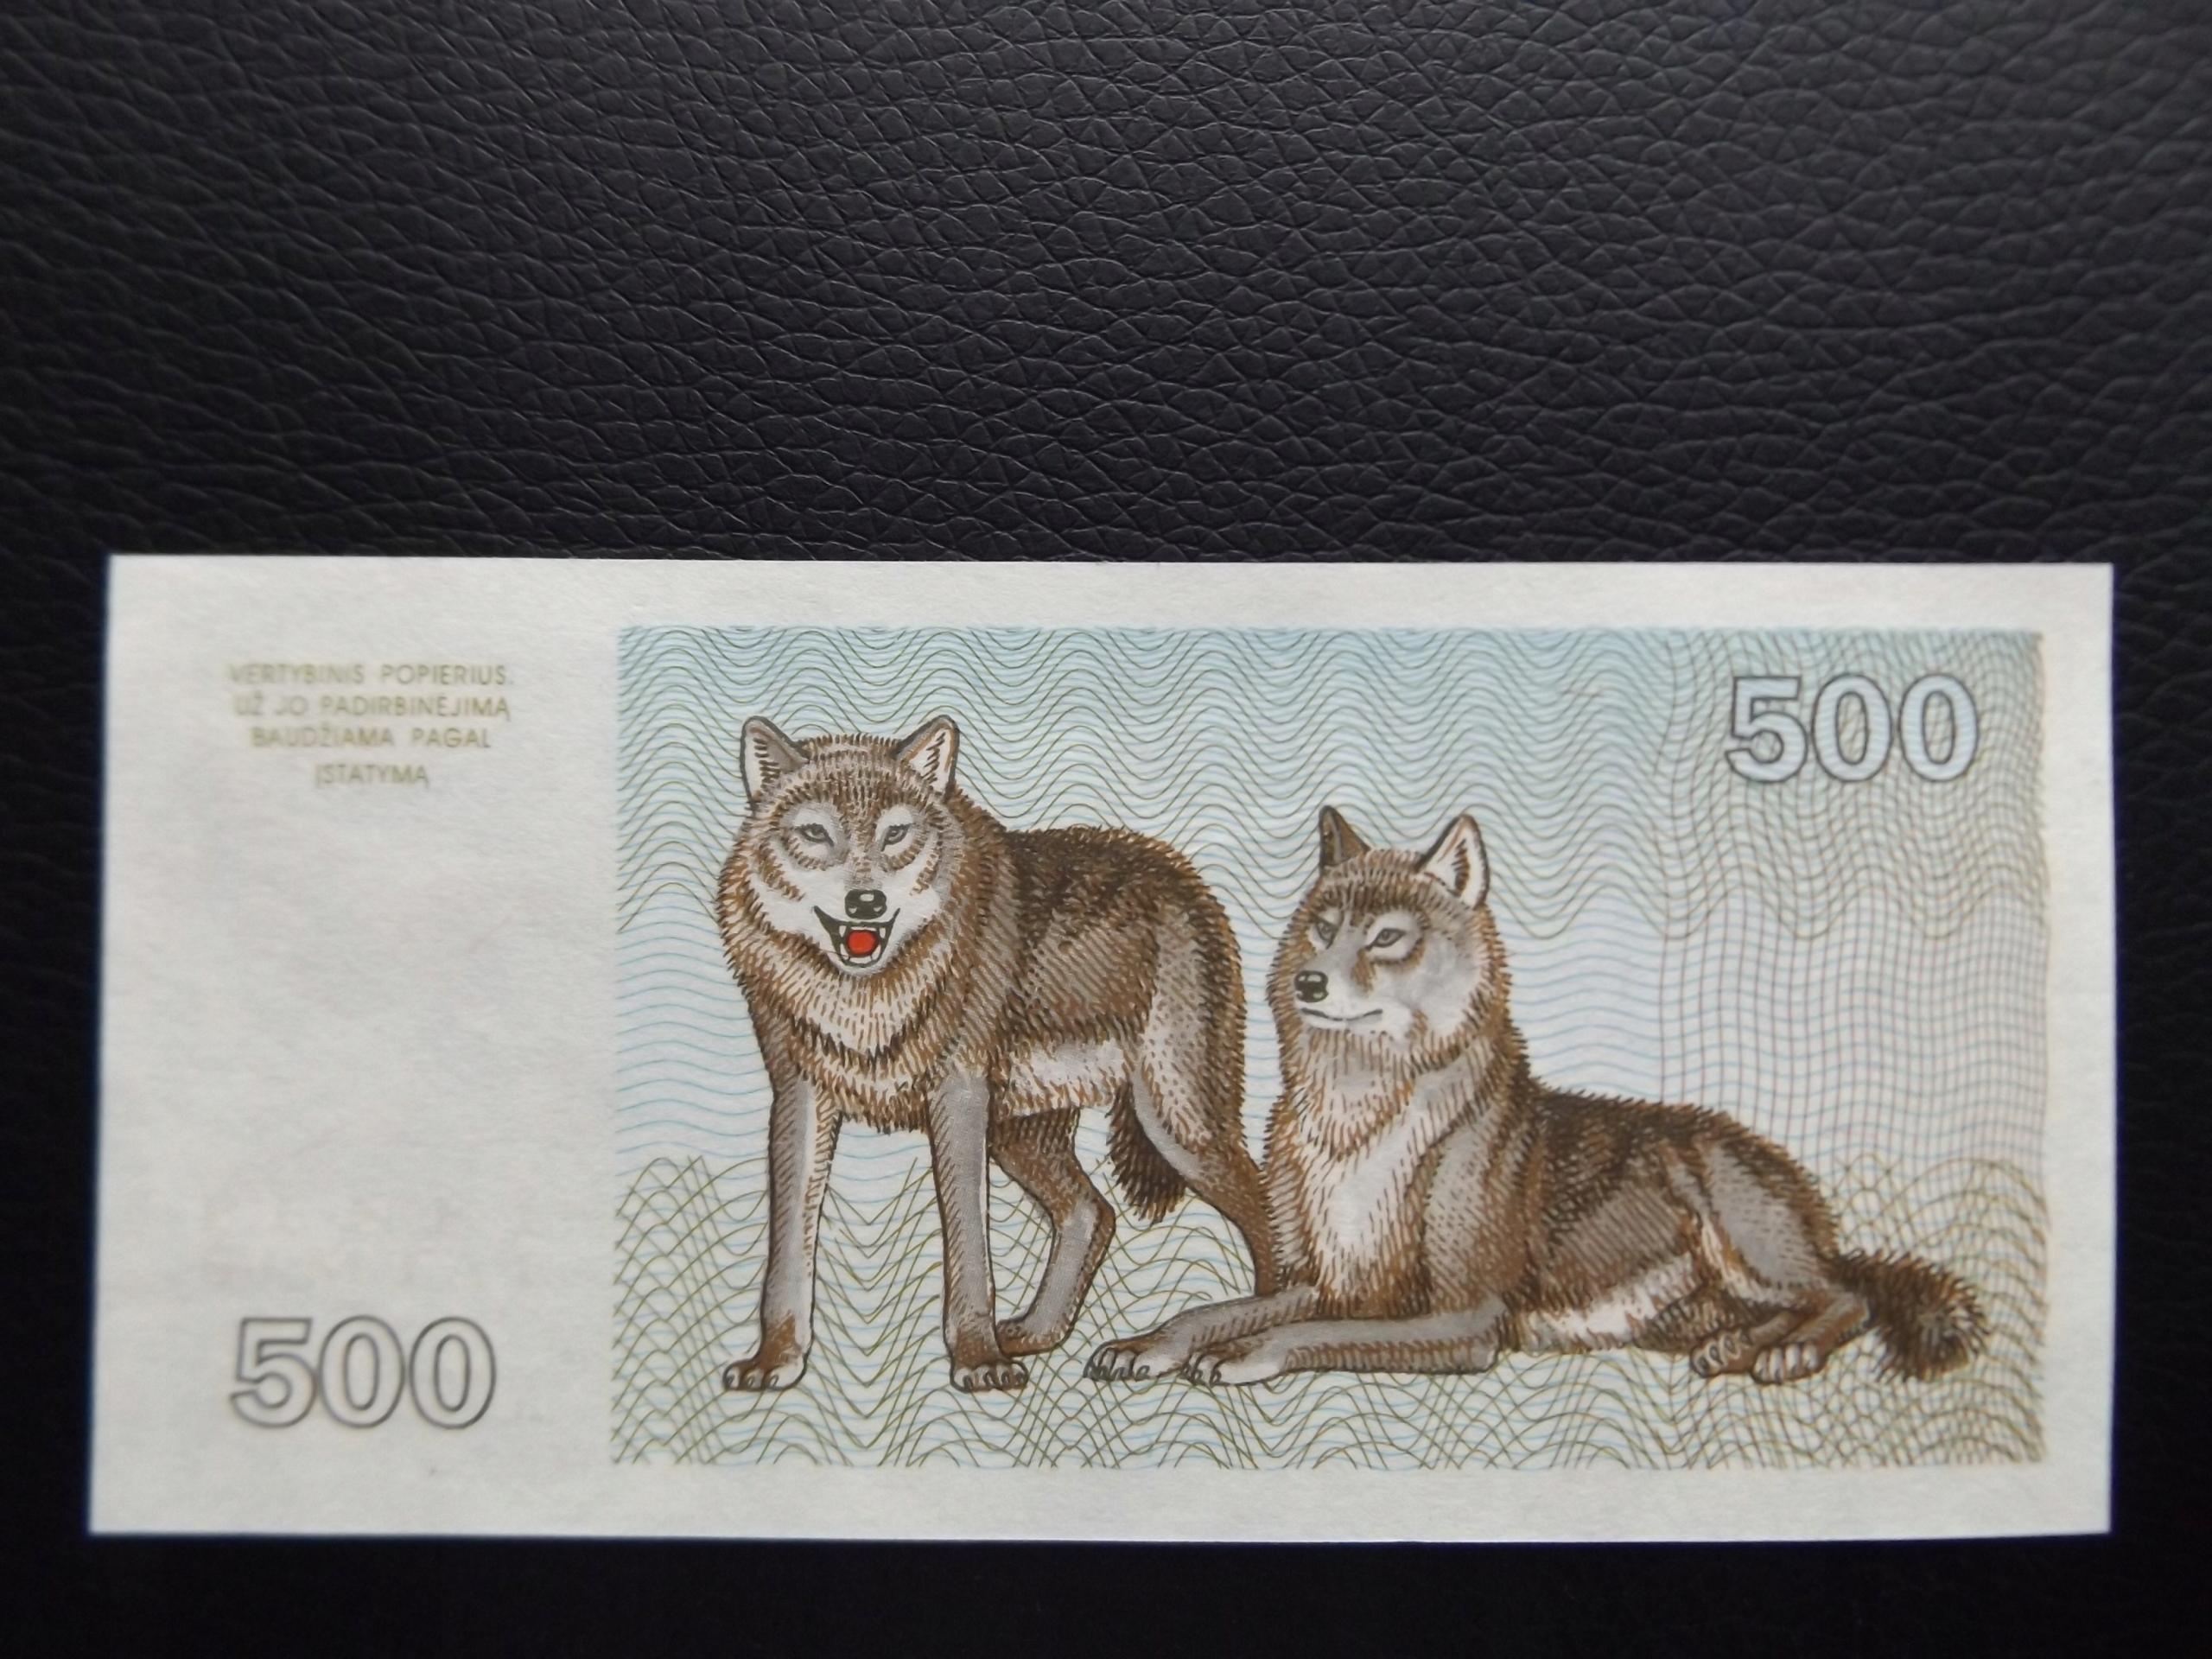 LITWA 500 TALONU WILKI 1993 r. PIĘKNY STAN UNC